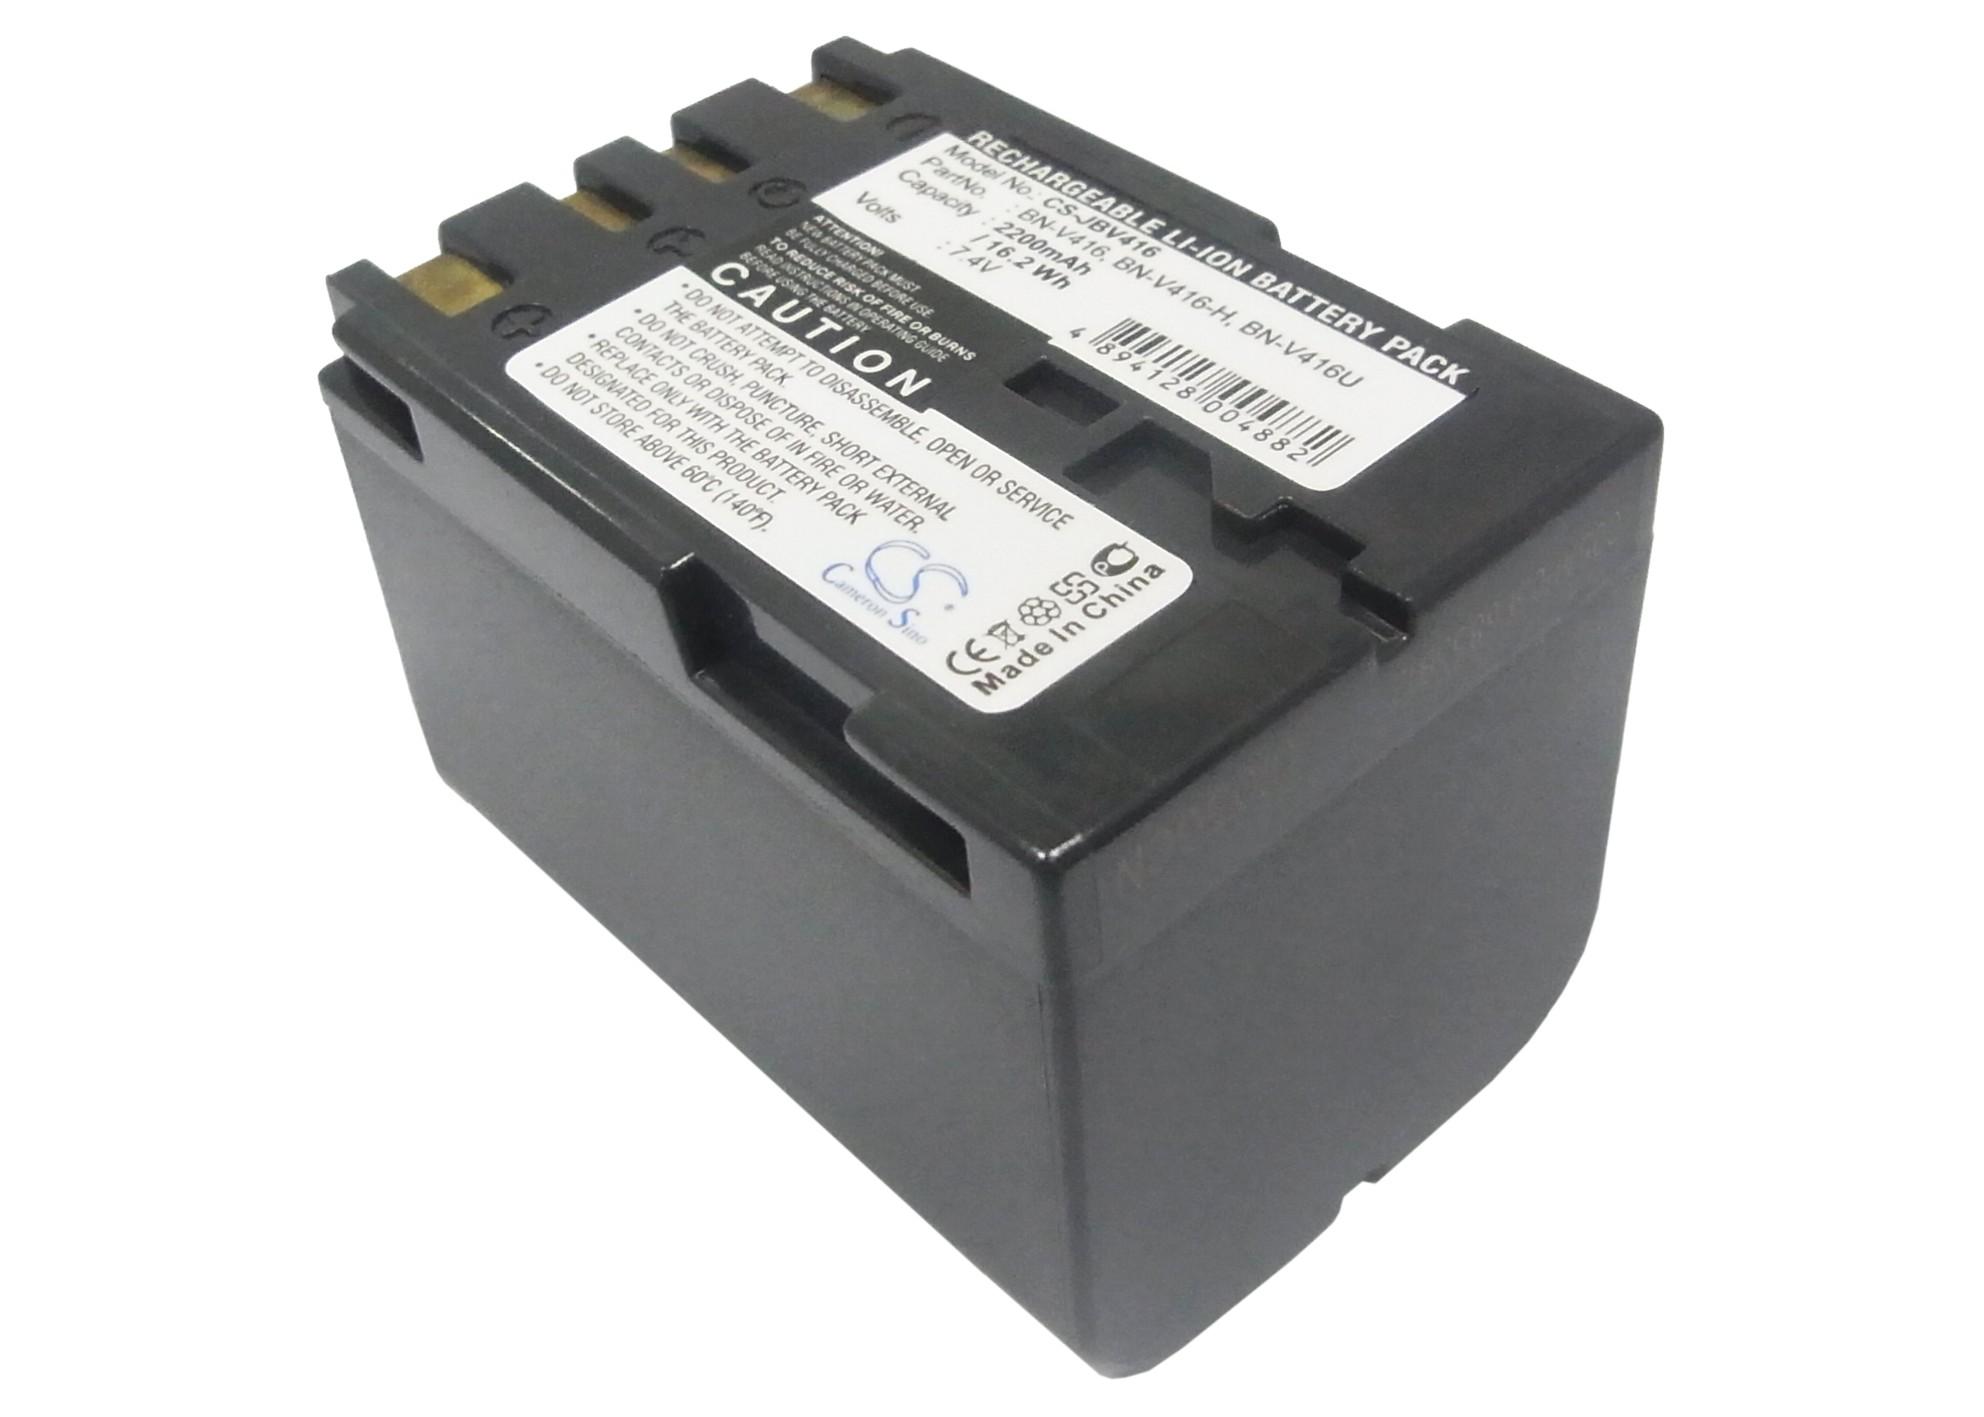 Cameron Sino baterie do kamer a fotoaparátů pro JVC GR-D230 7.4V Li-ion 2200mAh tmavě šedá - neoriginální